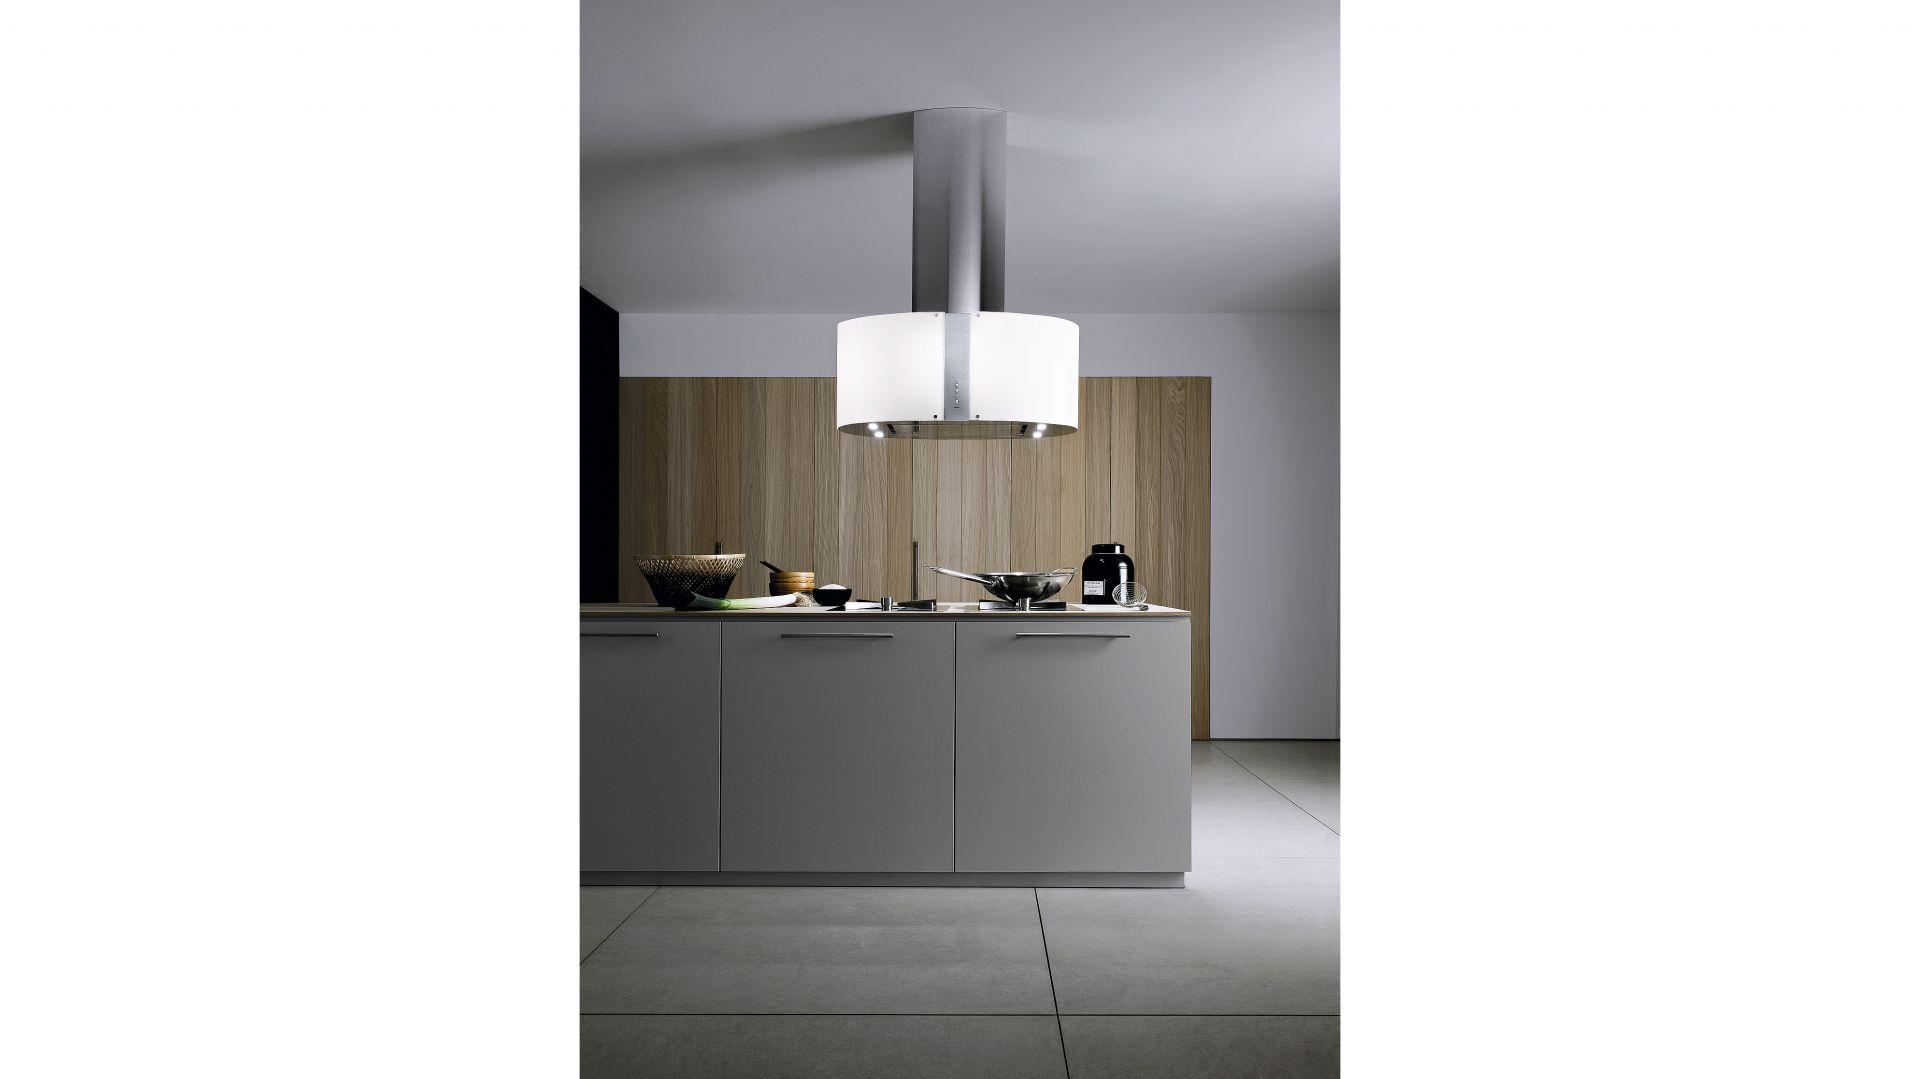 Okap wyspowy Mirabilia Pharo to efektowne połączenie stali i szkła, których urok wydobędzie zintegrowane oświetlenie LED. Fot. Falmec